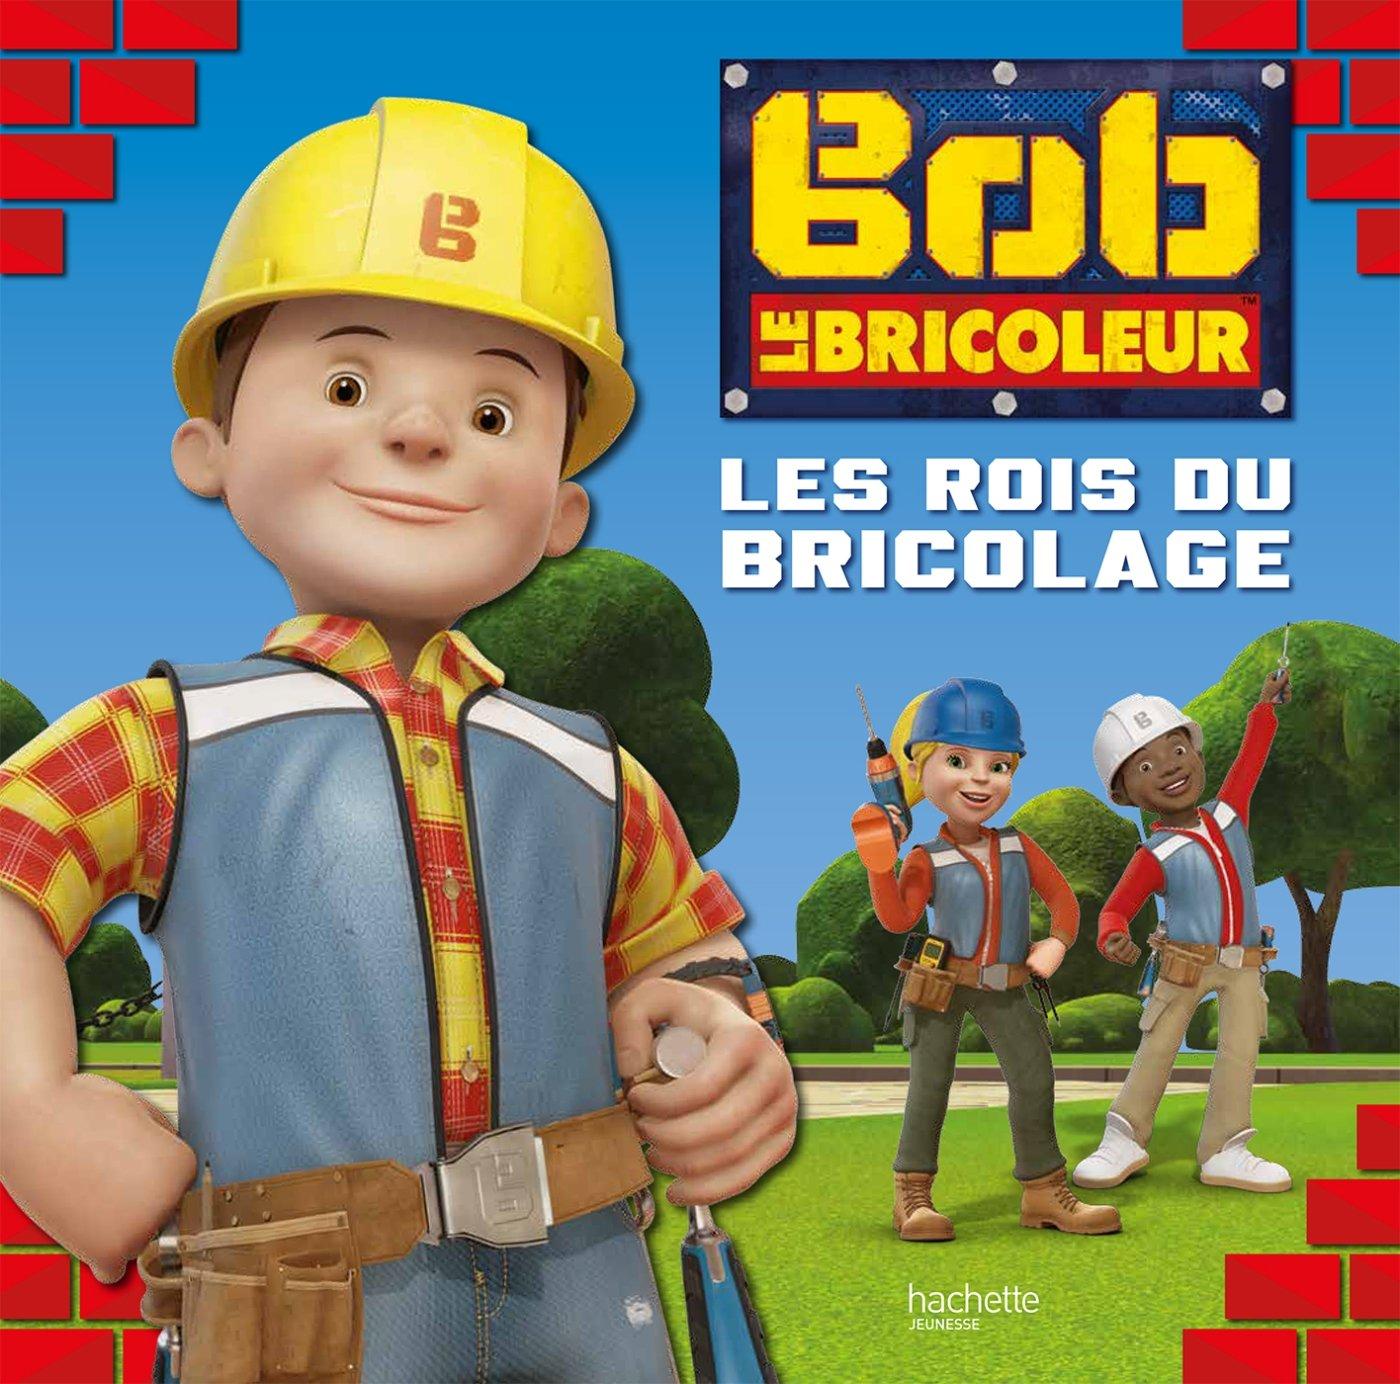 Bob Le Bricoleur Les Rois Du Bricolage Amazon Ca Collectif Books